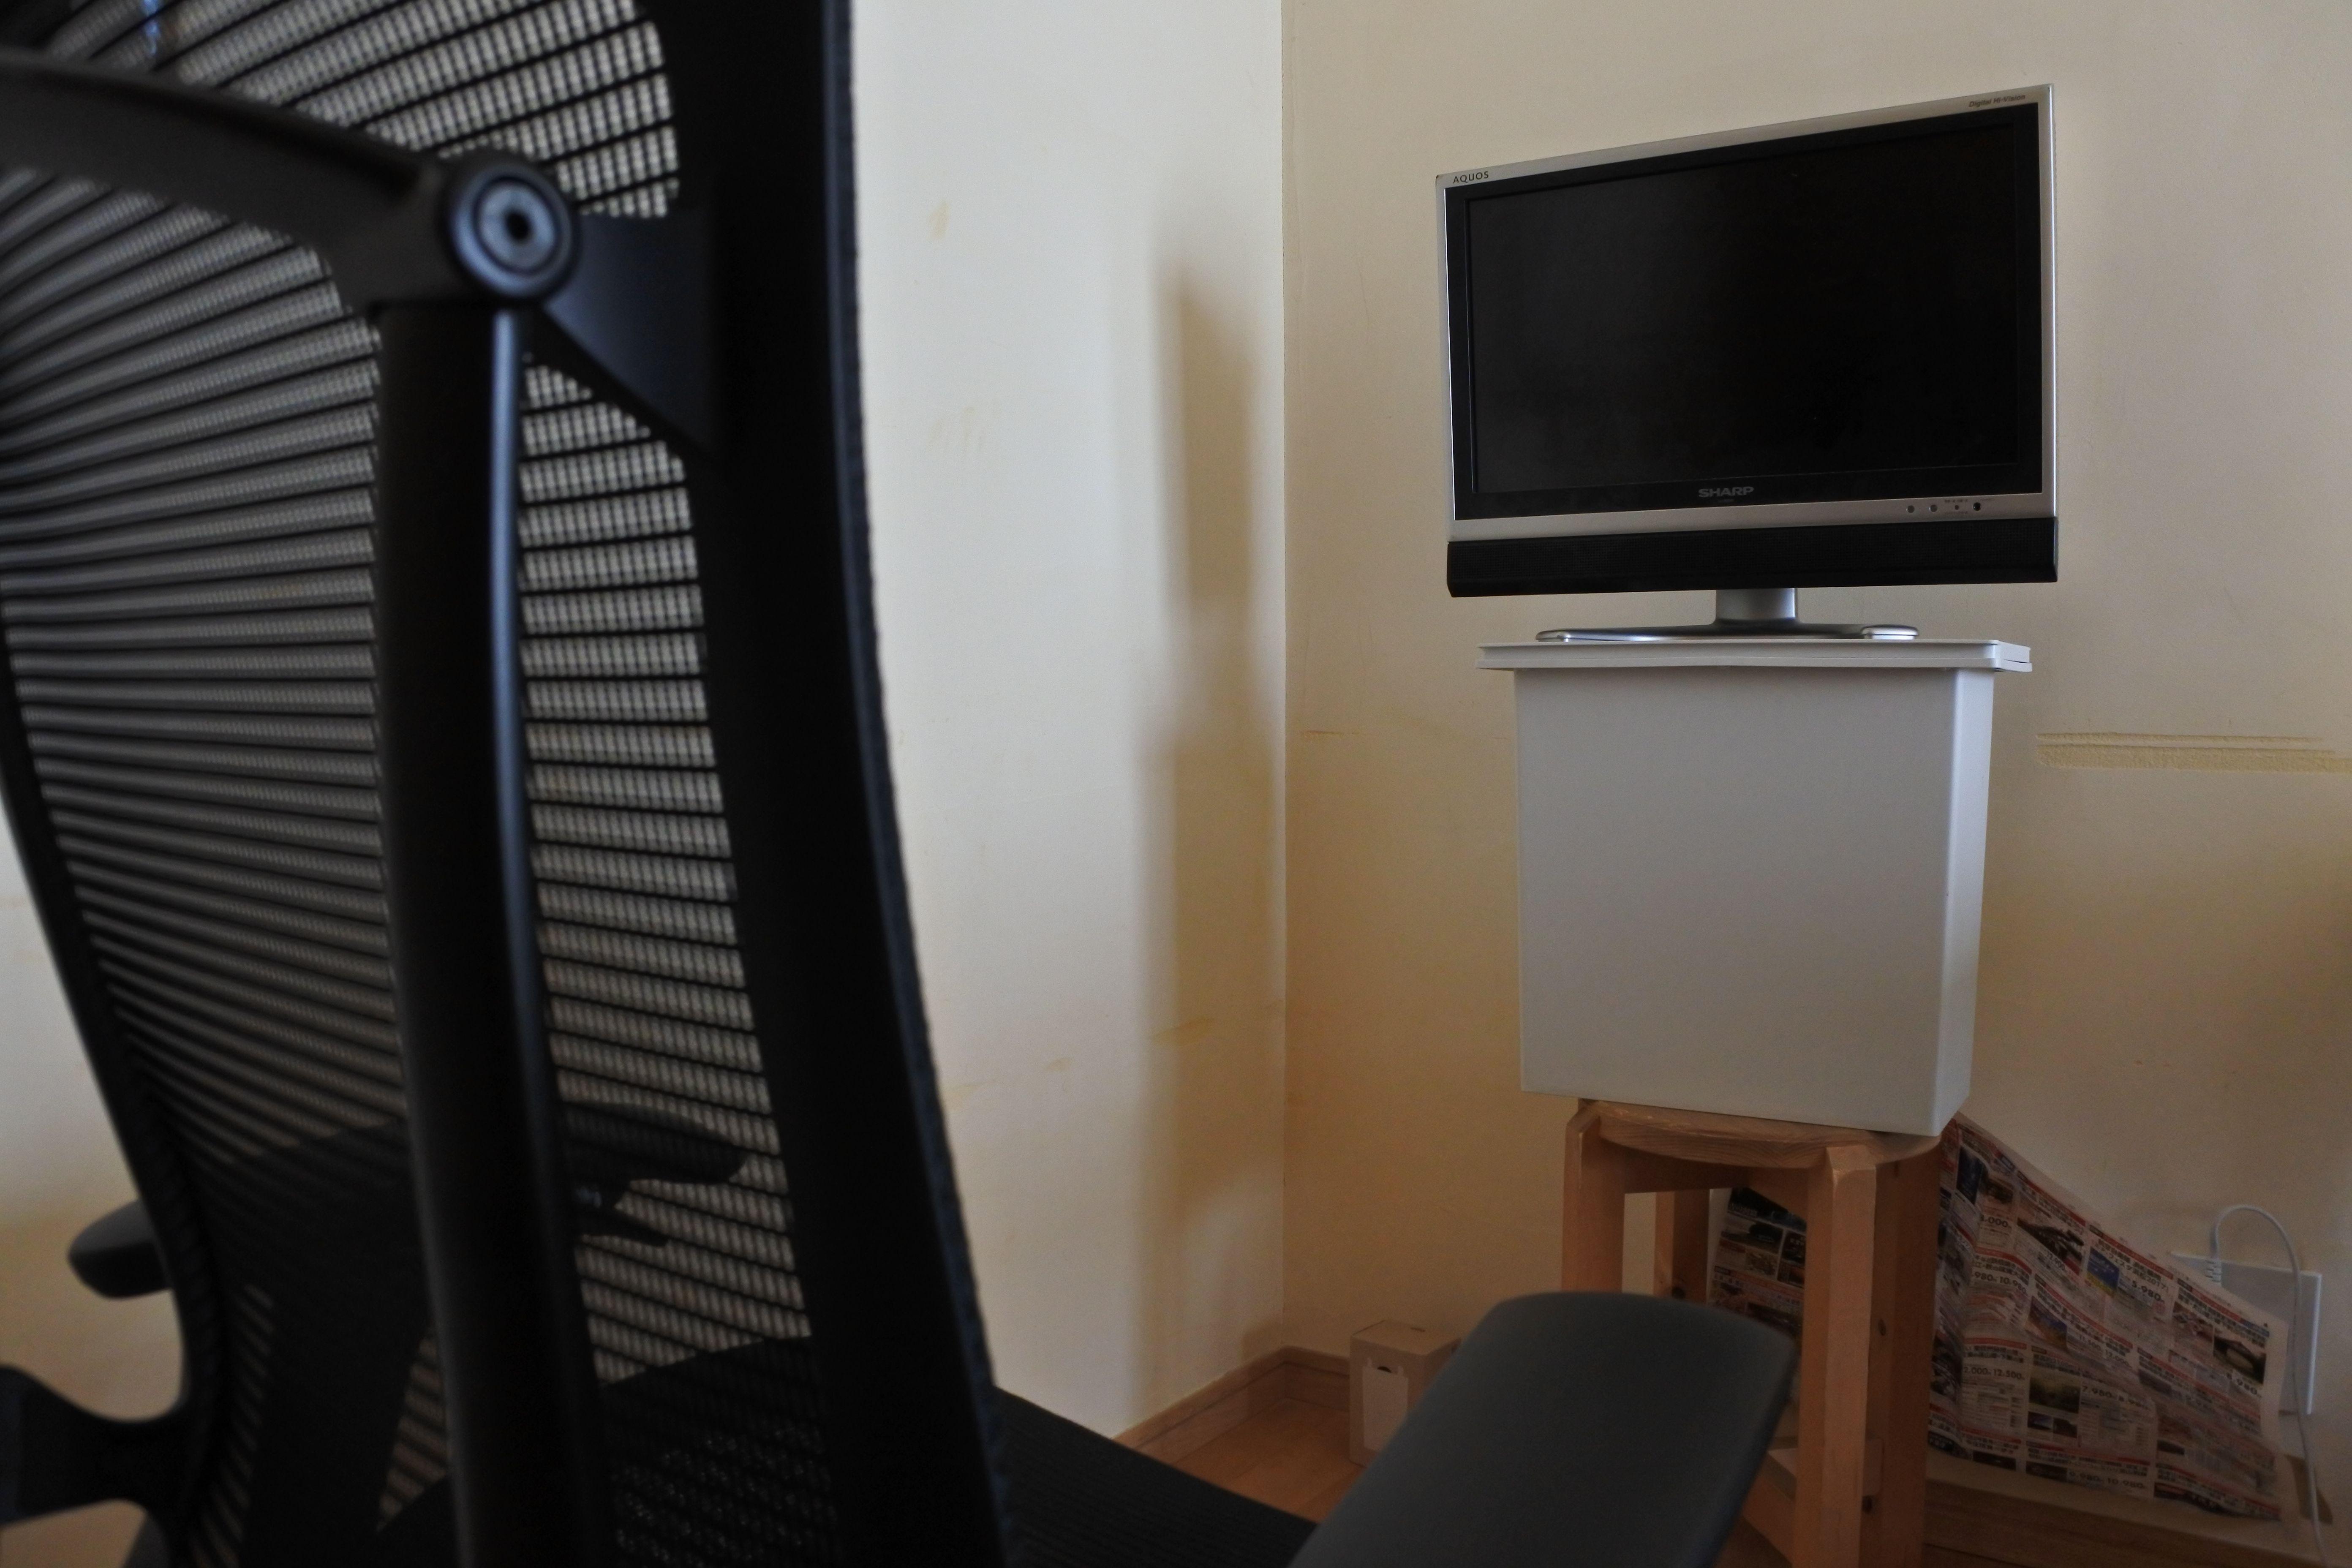 テレビ 壁掛け 金具 diy 方法